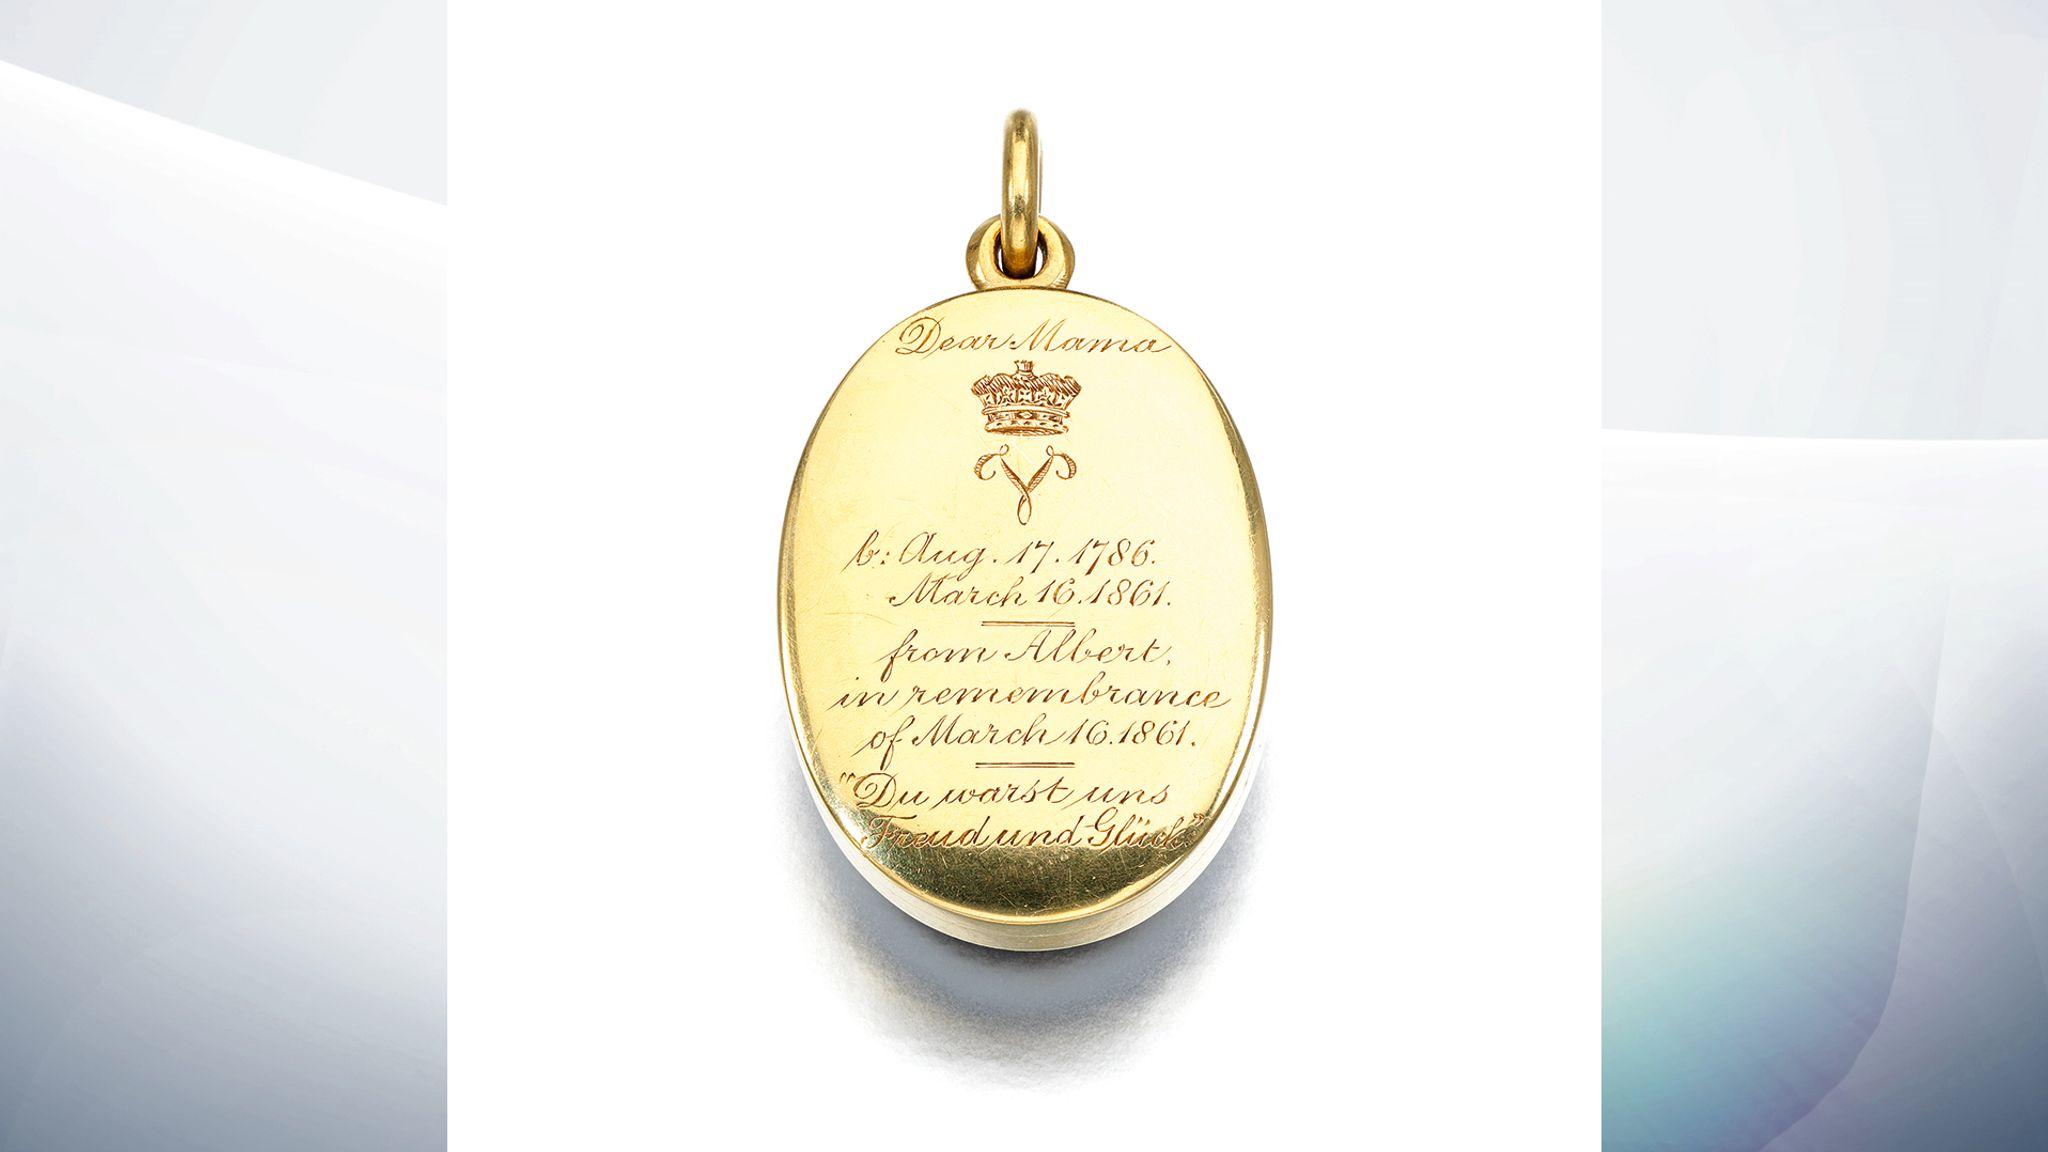 Драгоценности королевы Виктории впервые выставят на аукцион and it includes an inscription from Albert